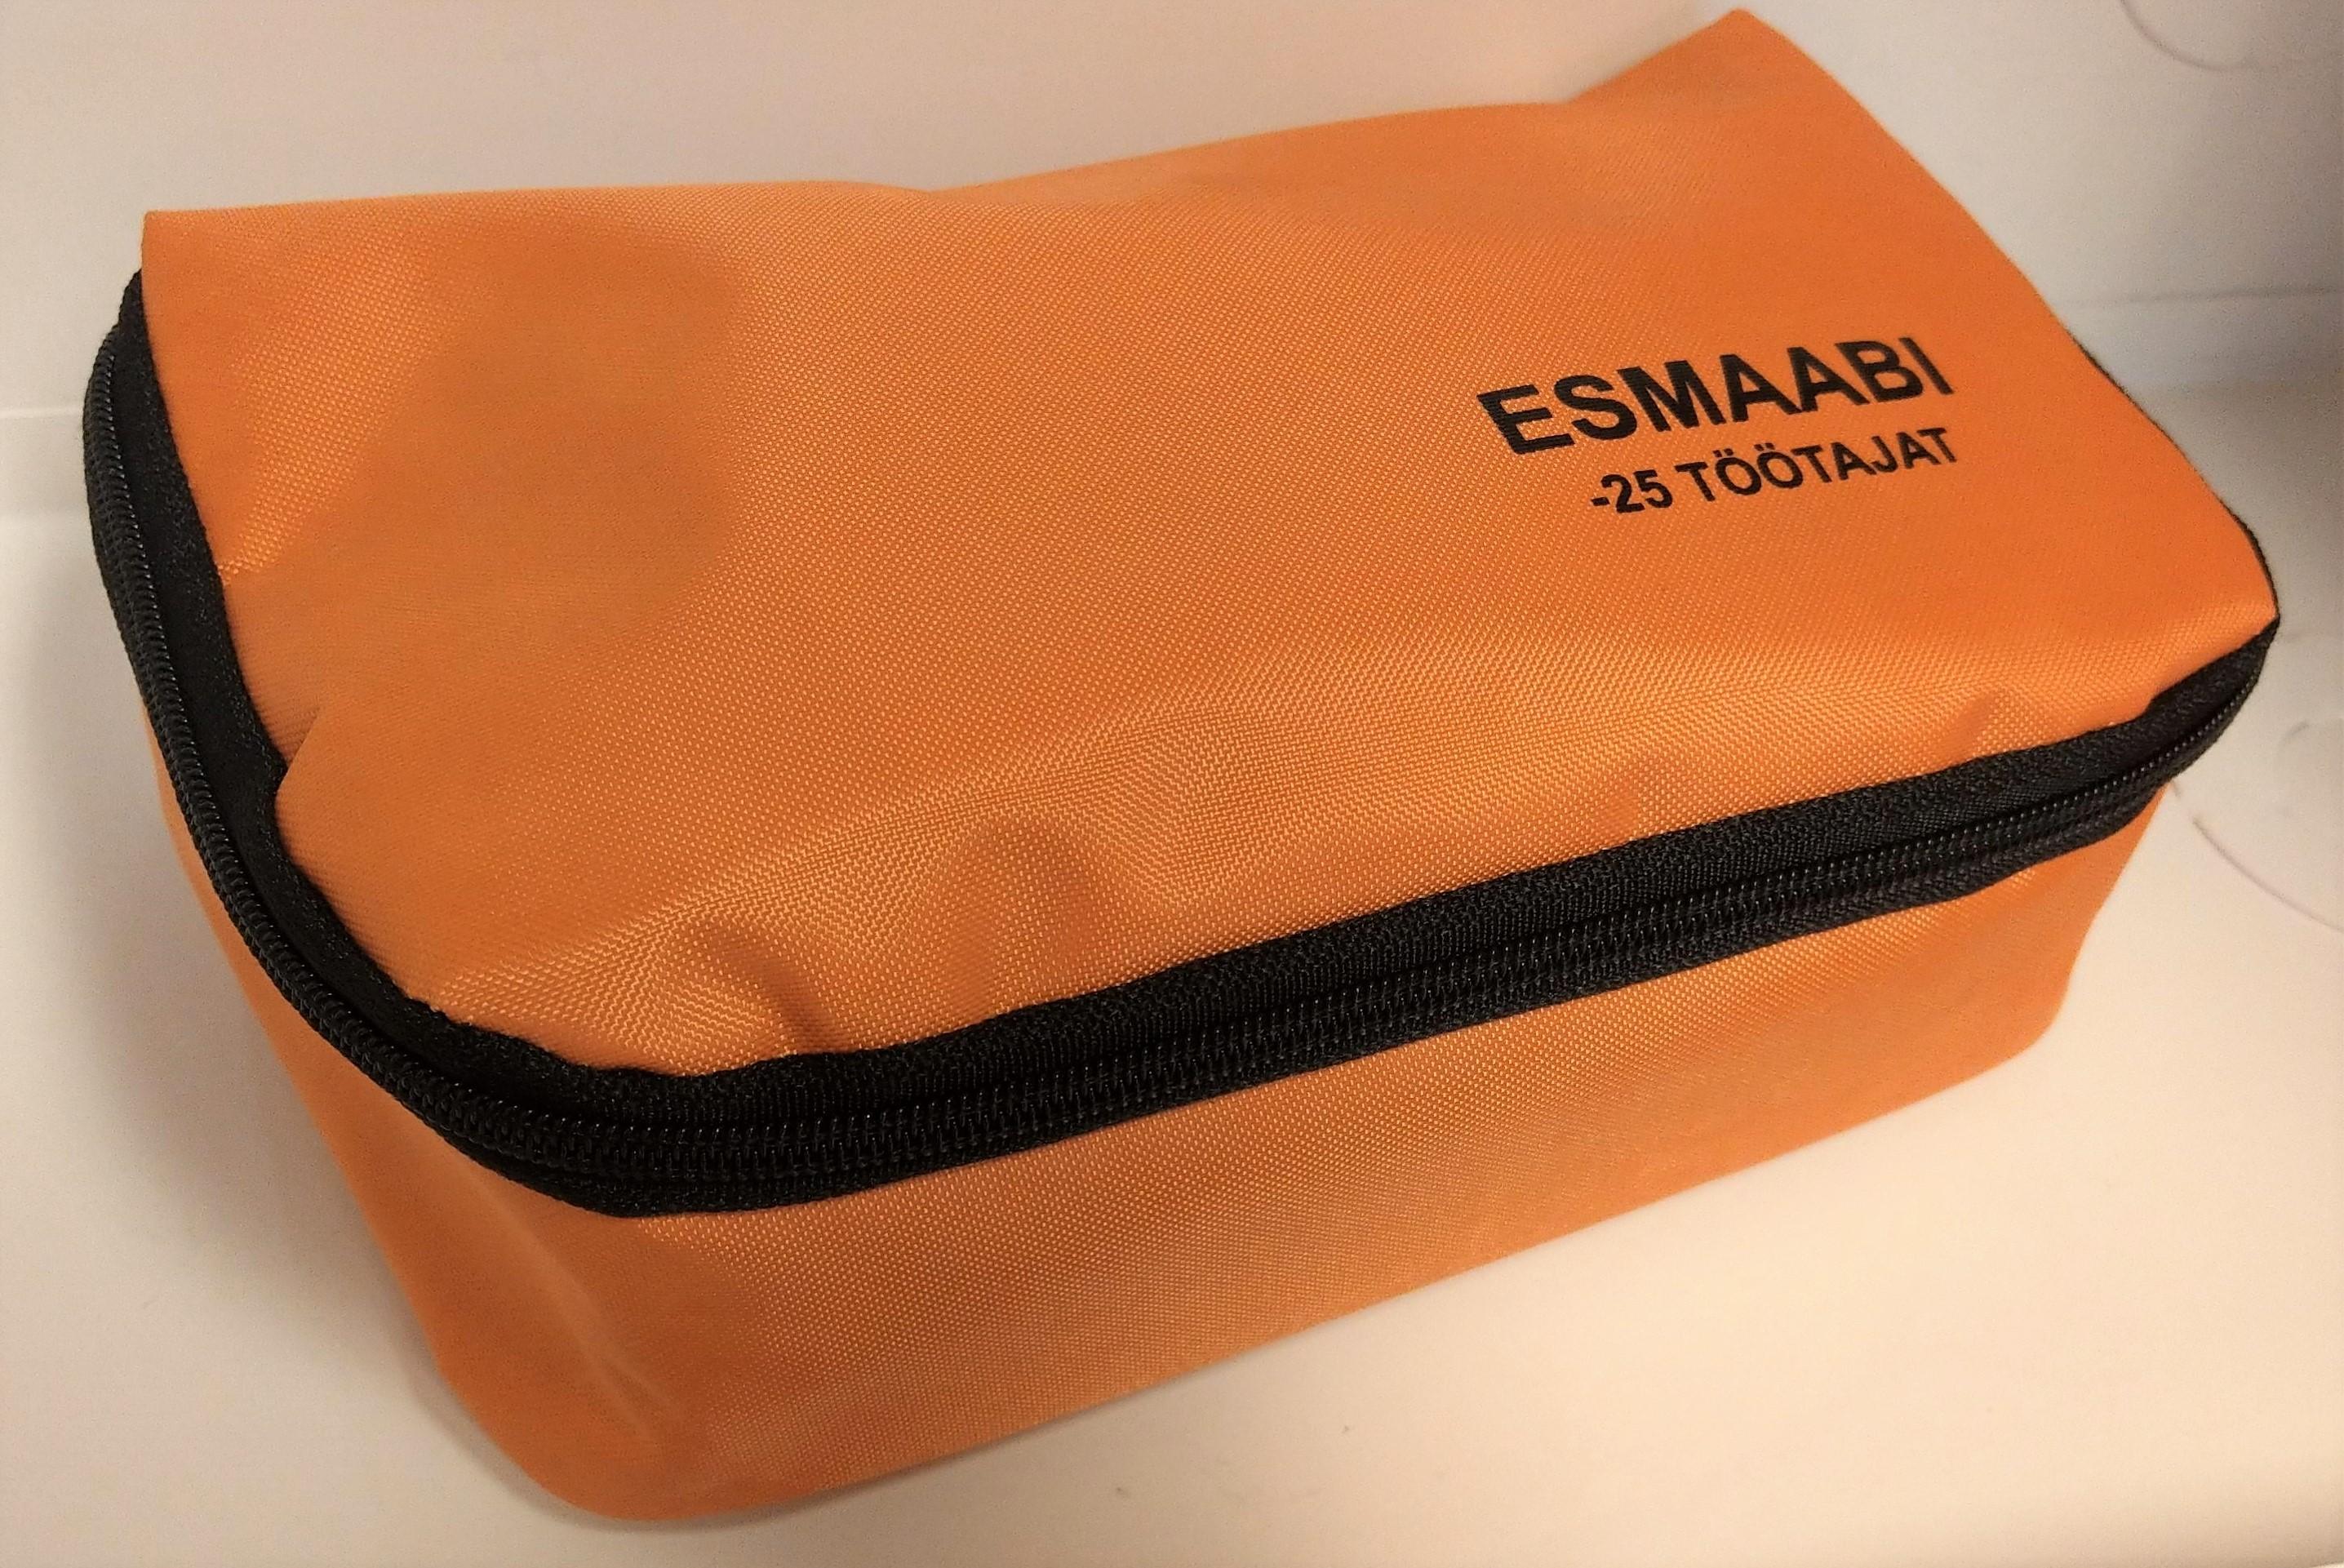 18d199c3417 Esmaabi komplekt ettevõttele kuni 25 in. ESTMED - Tuleohutus24.ee ...